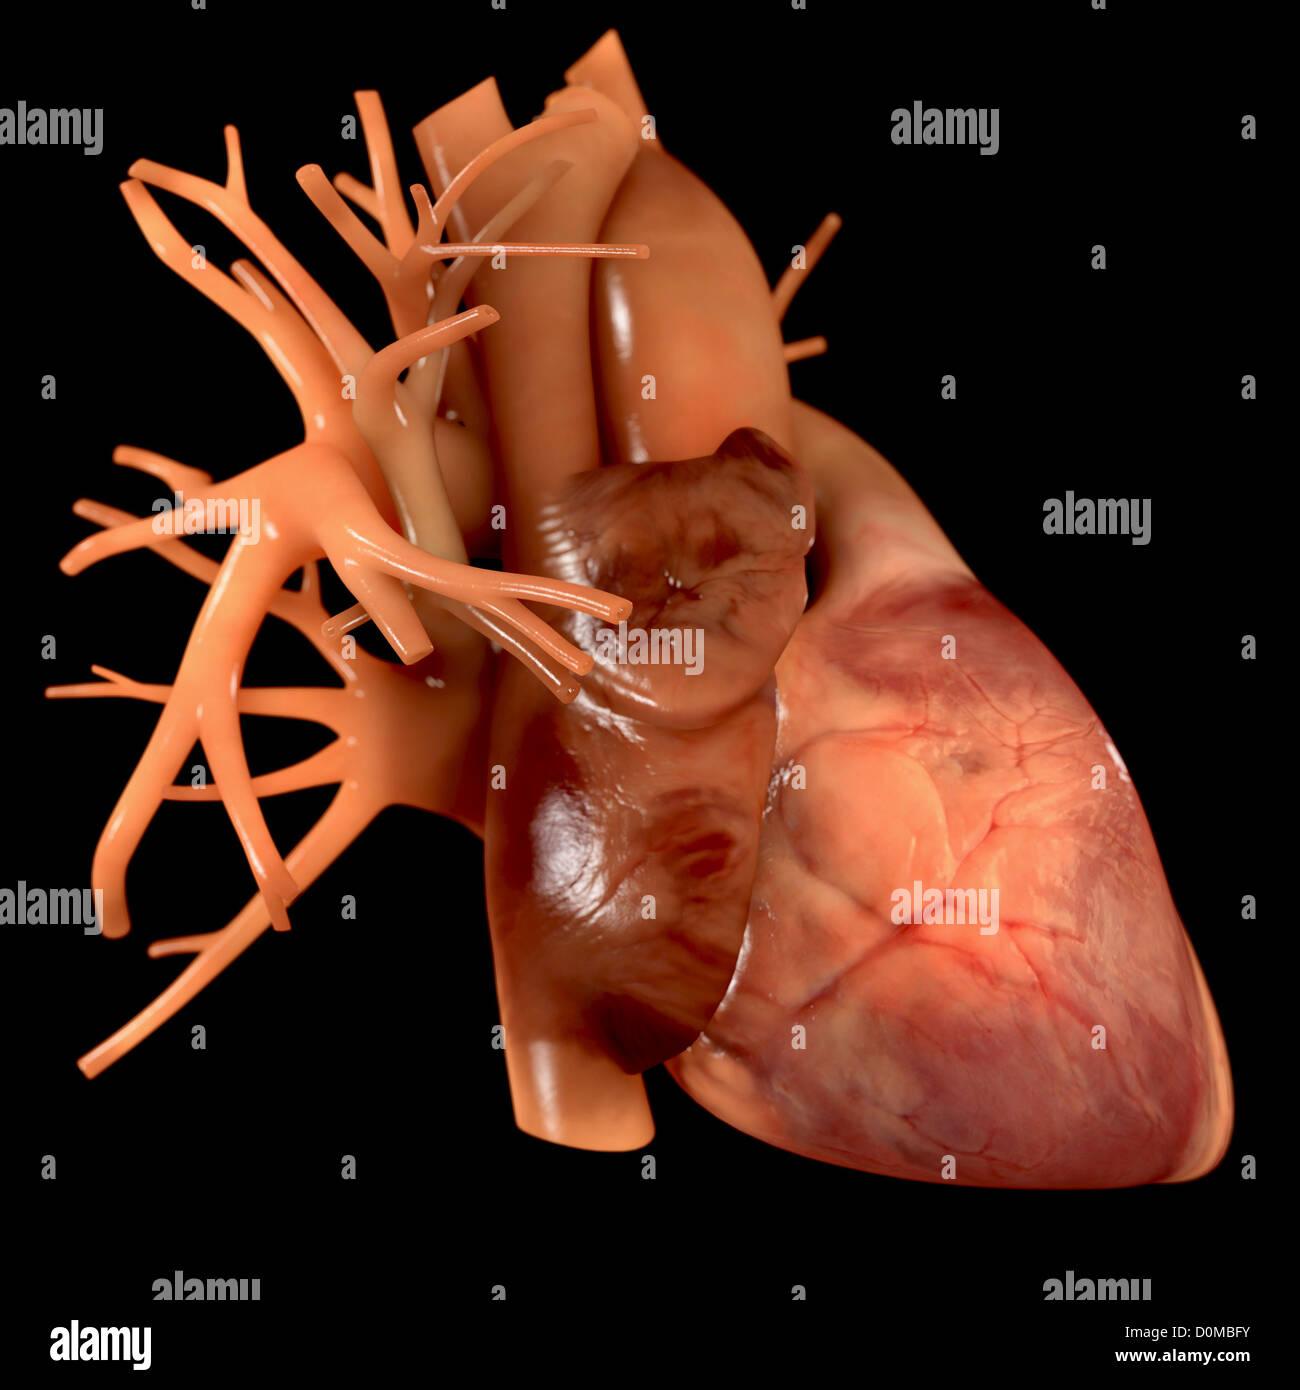 Vistoso Etiqueta Del Diagrama De La Anatomía Del Corazón Elaboración ...